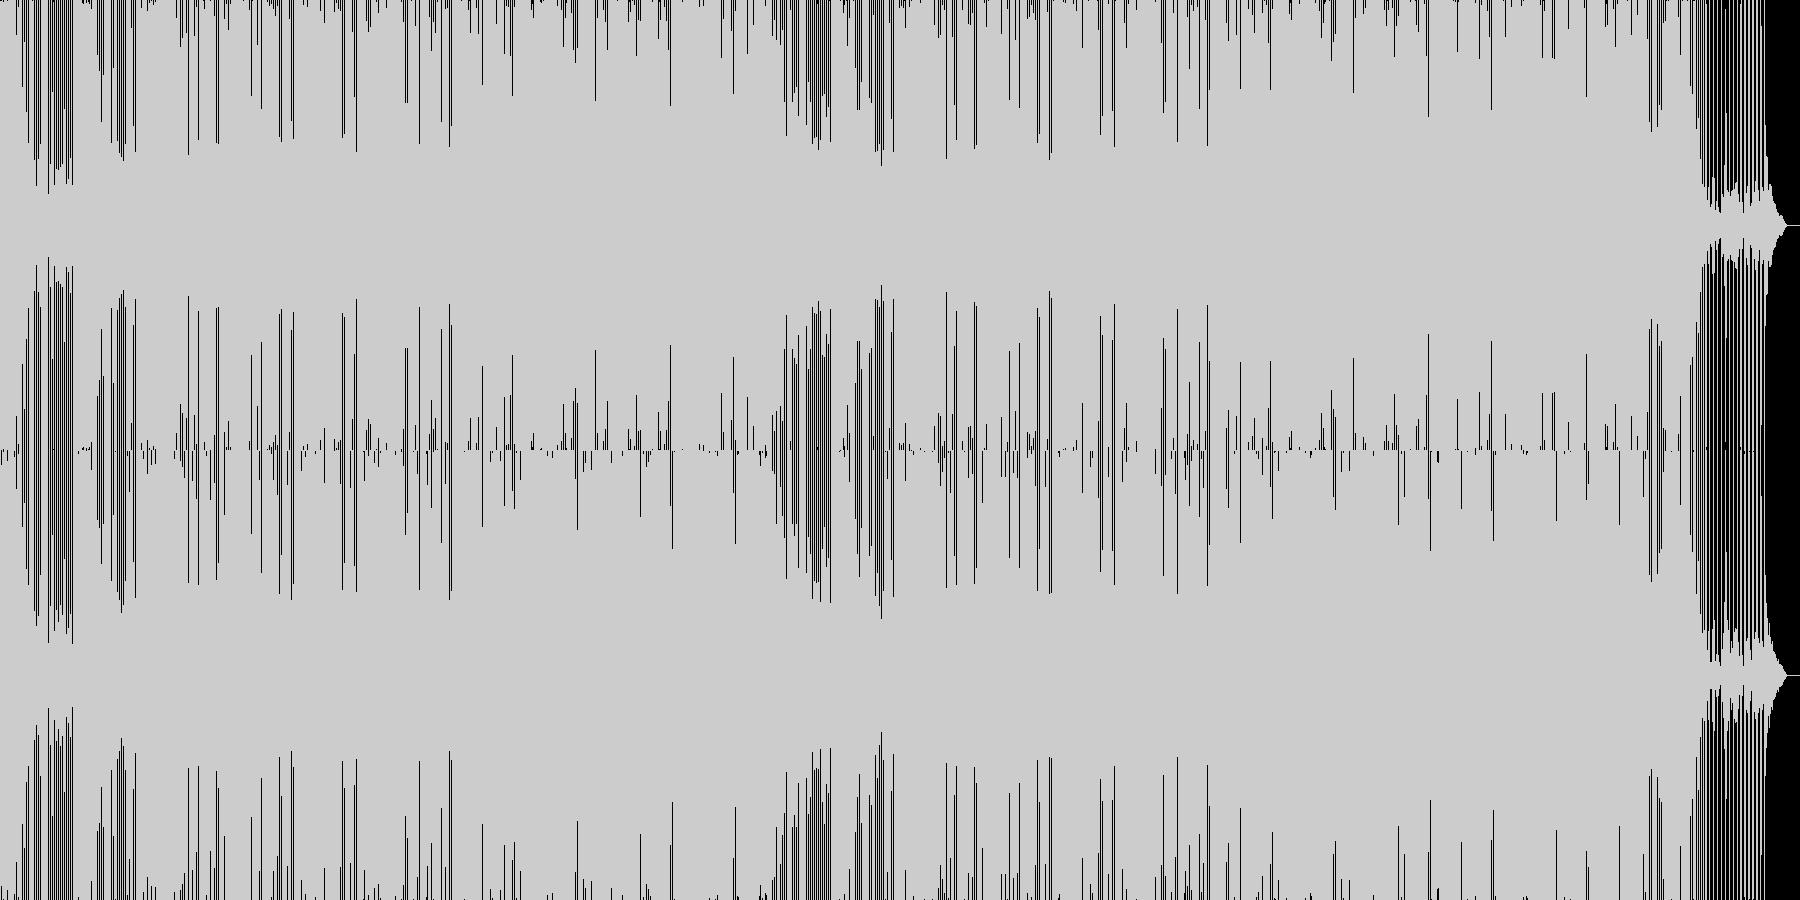 温かみのあるエレクトロニックミュージックの未再生の波形